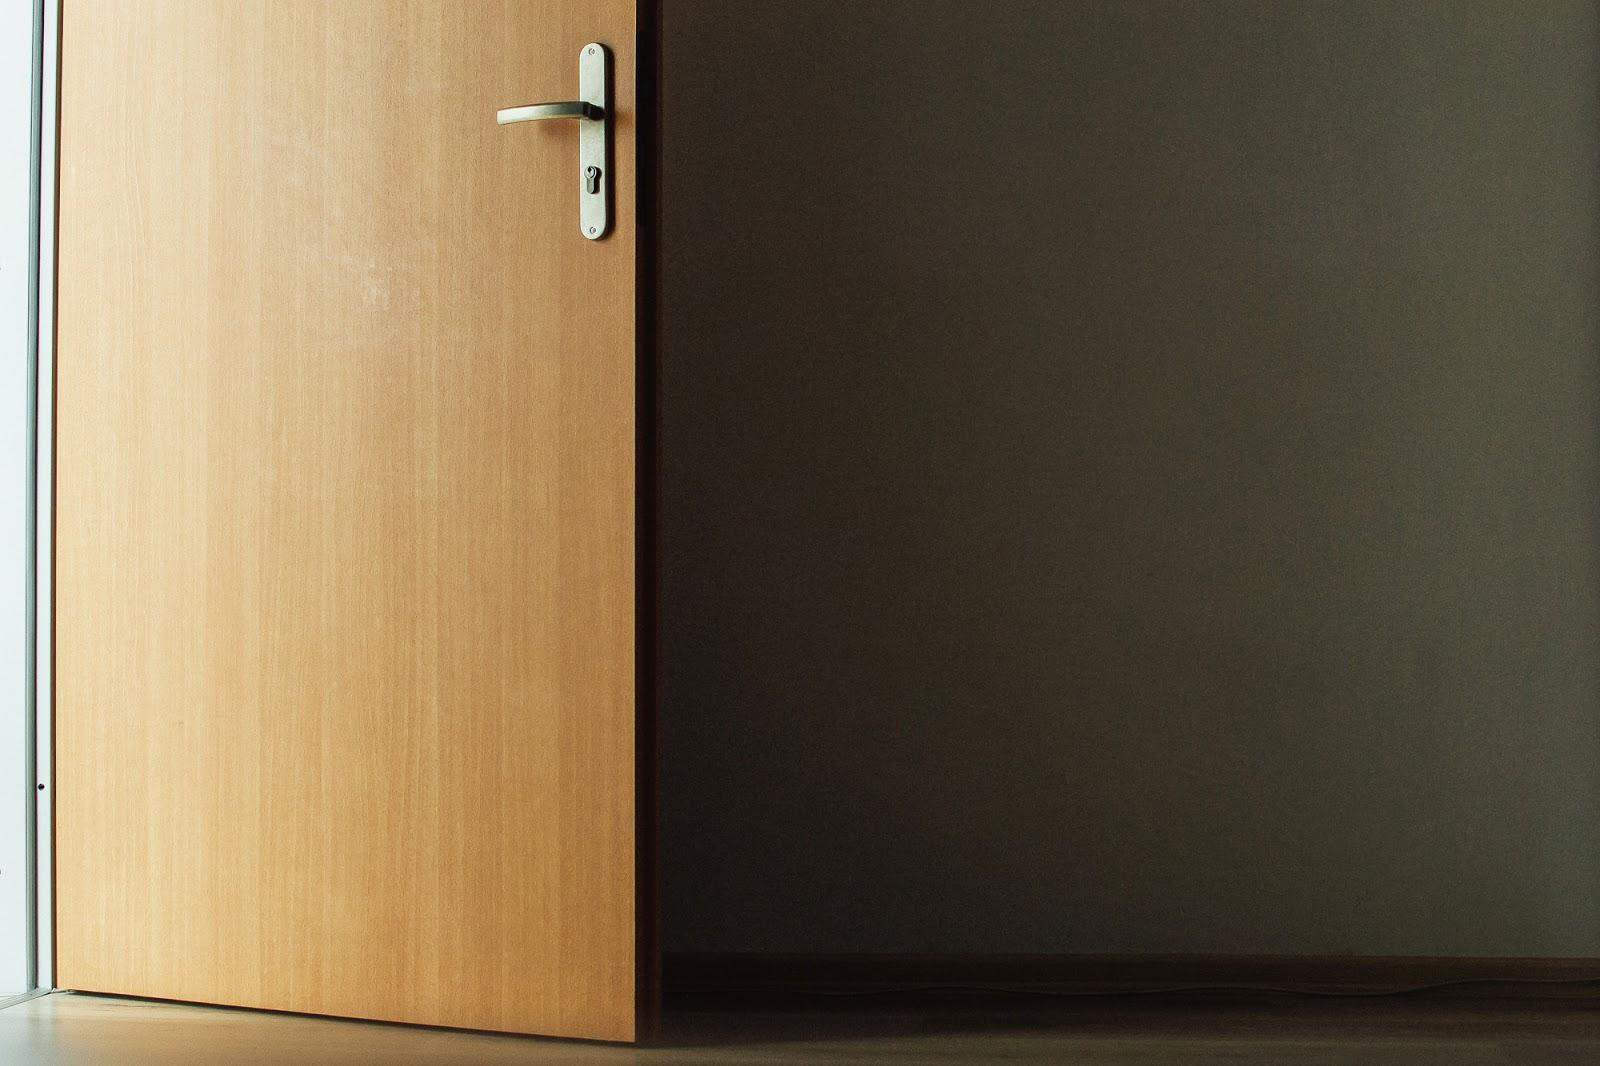 drzwi do nowego mieszkania